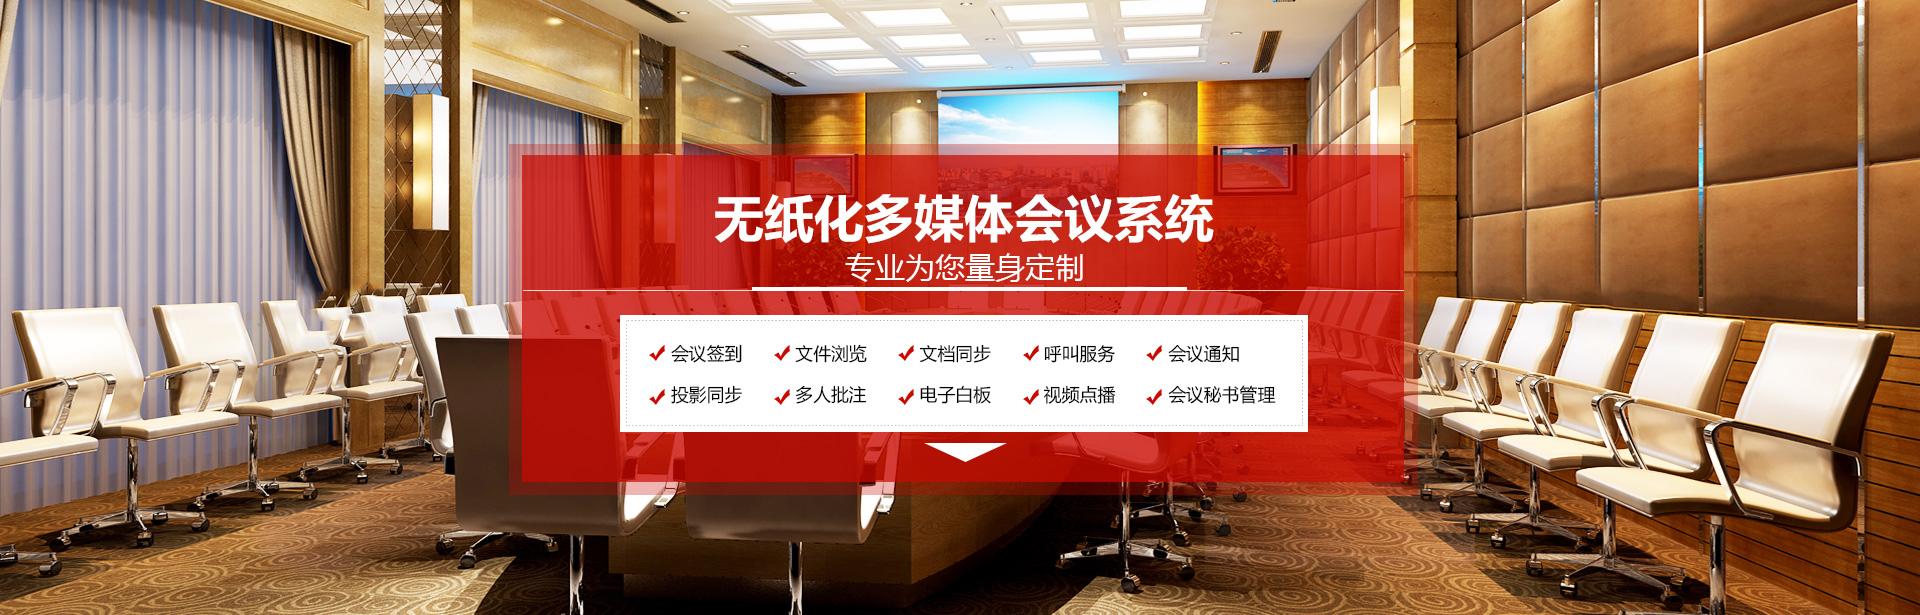 無紙化天博平台官网